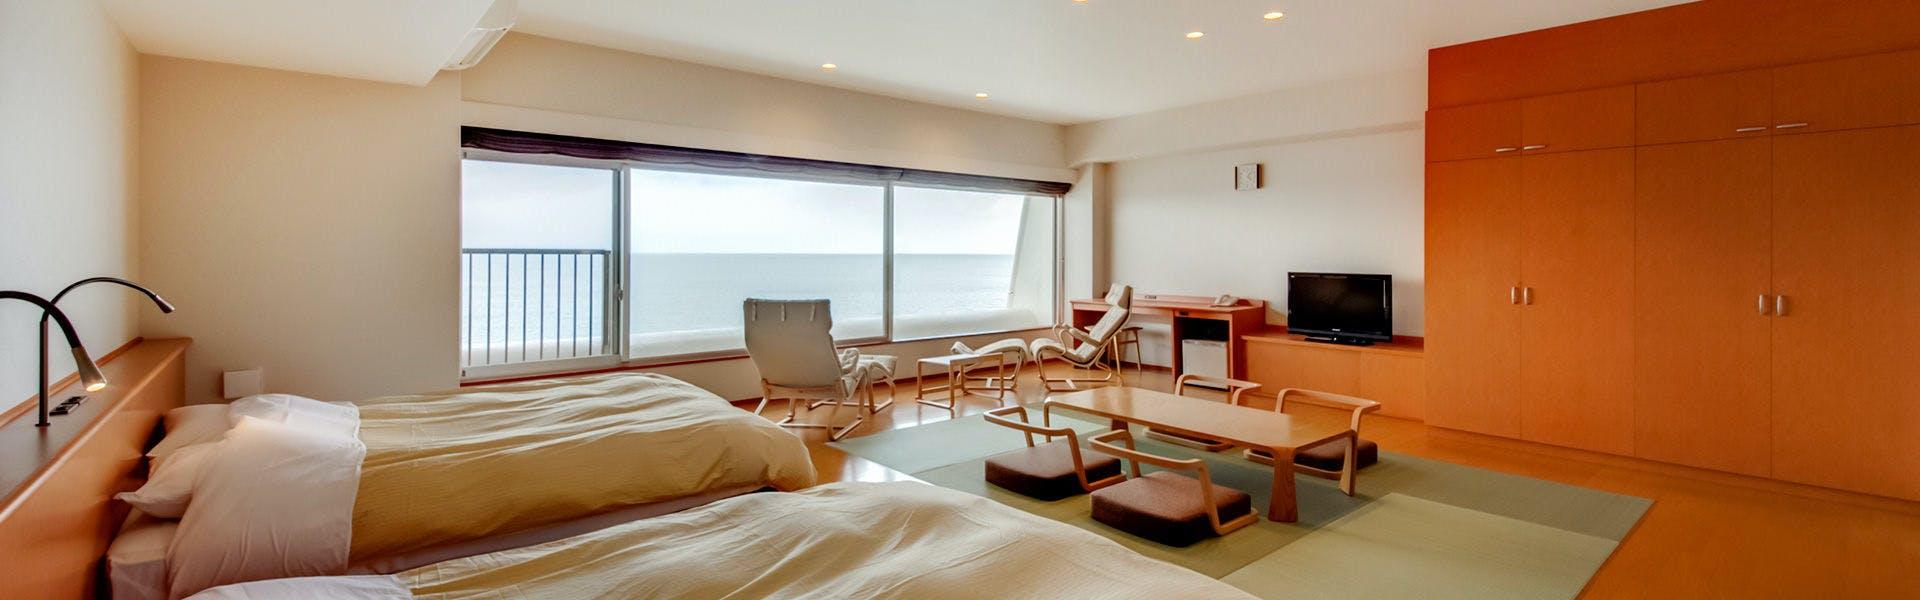 記念日におすすめのホテル・【休暇村 指宿】 の空室状況を確認するの写真3